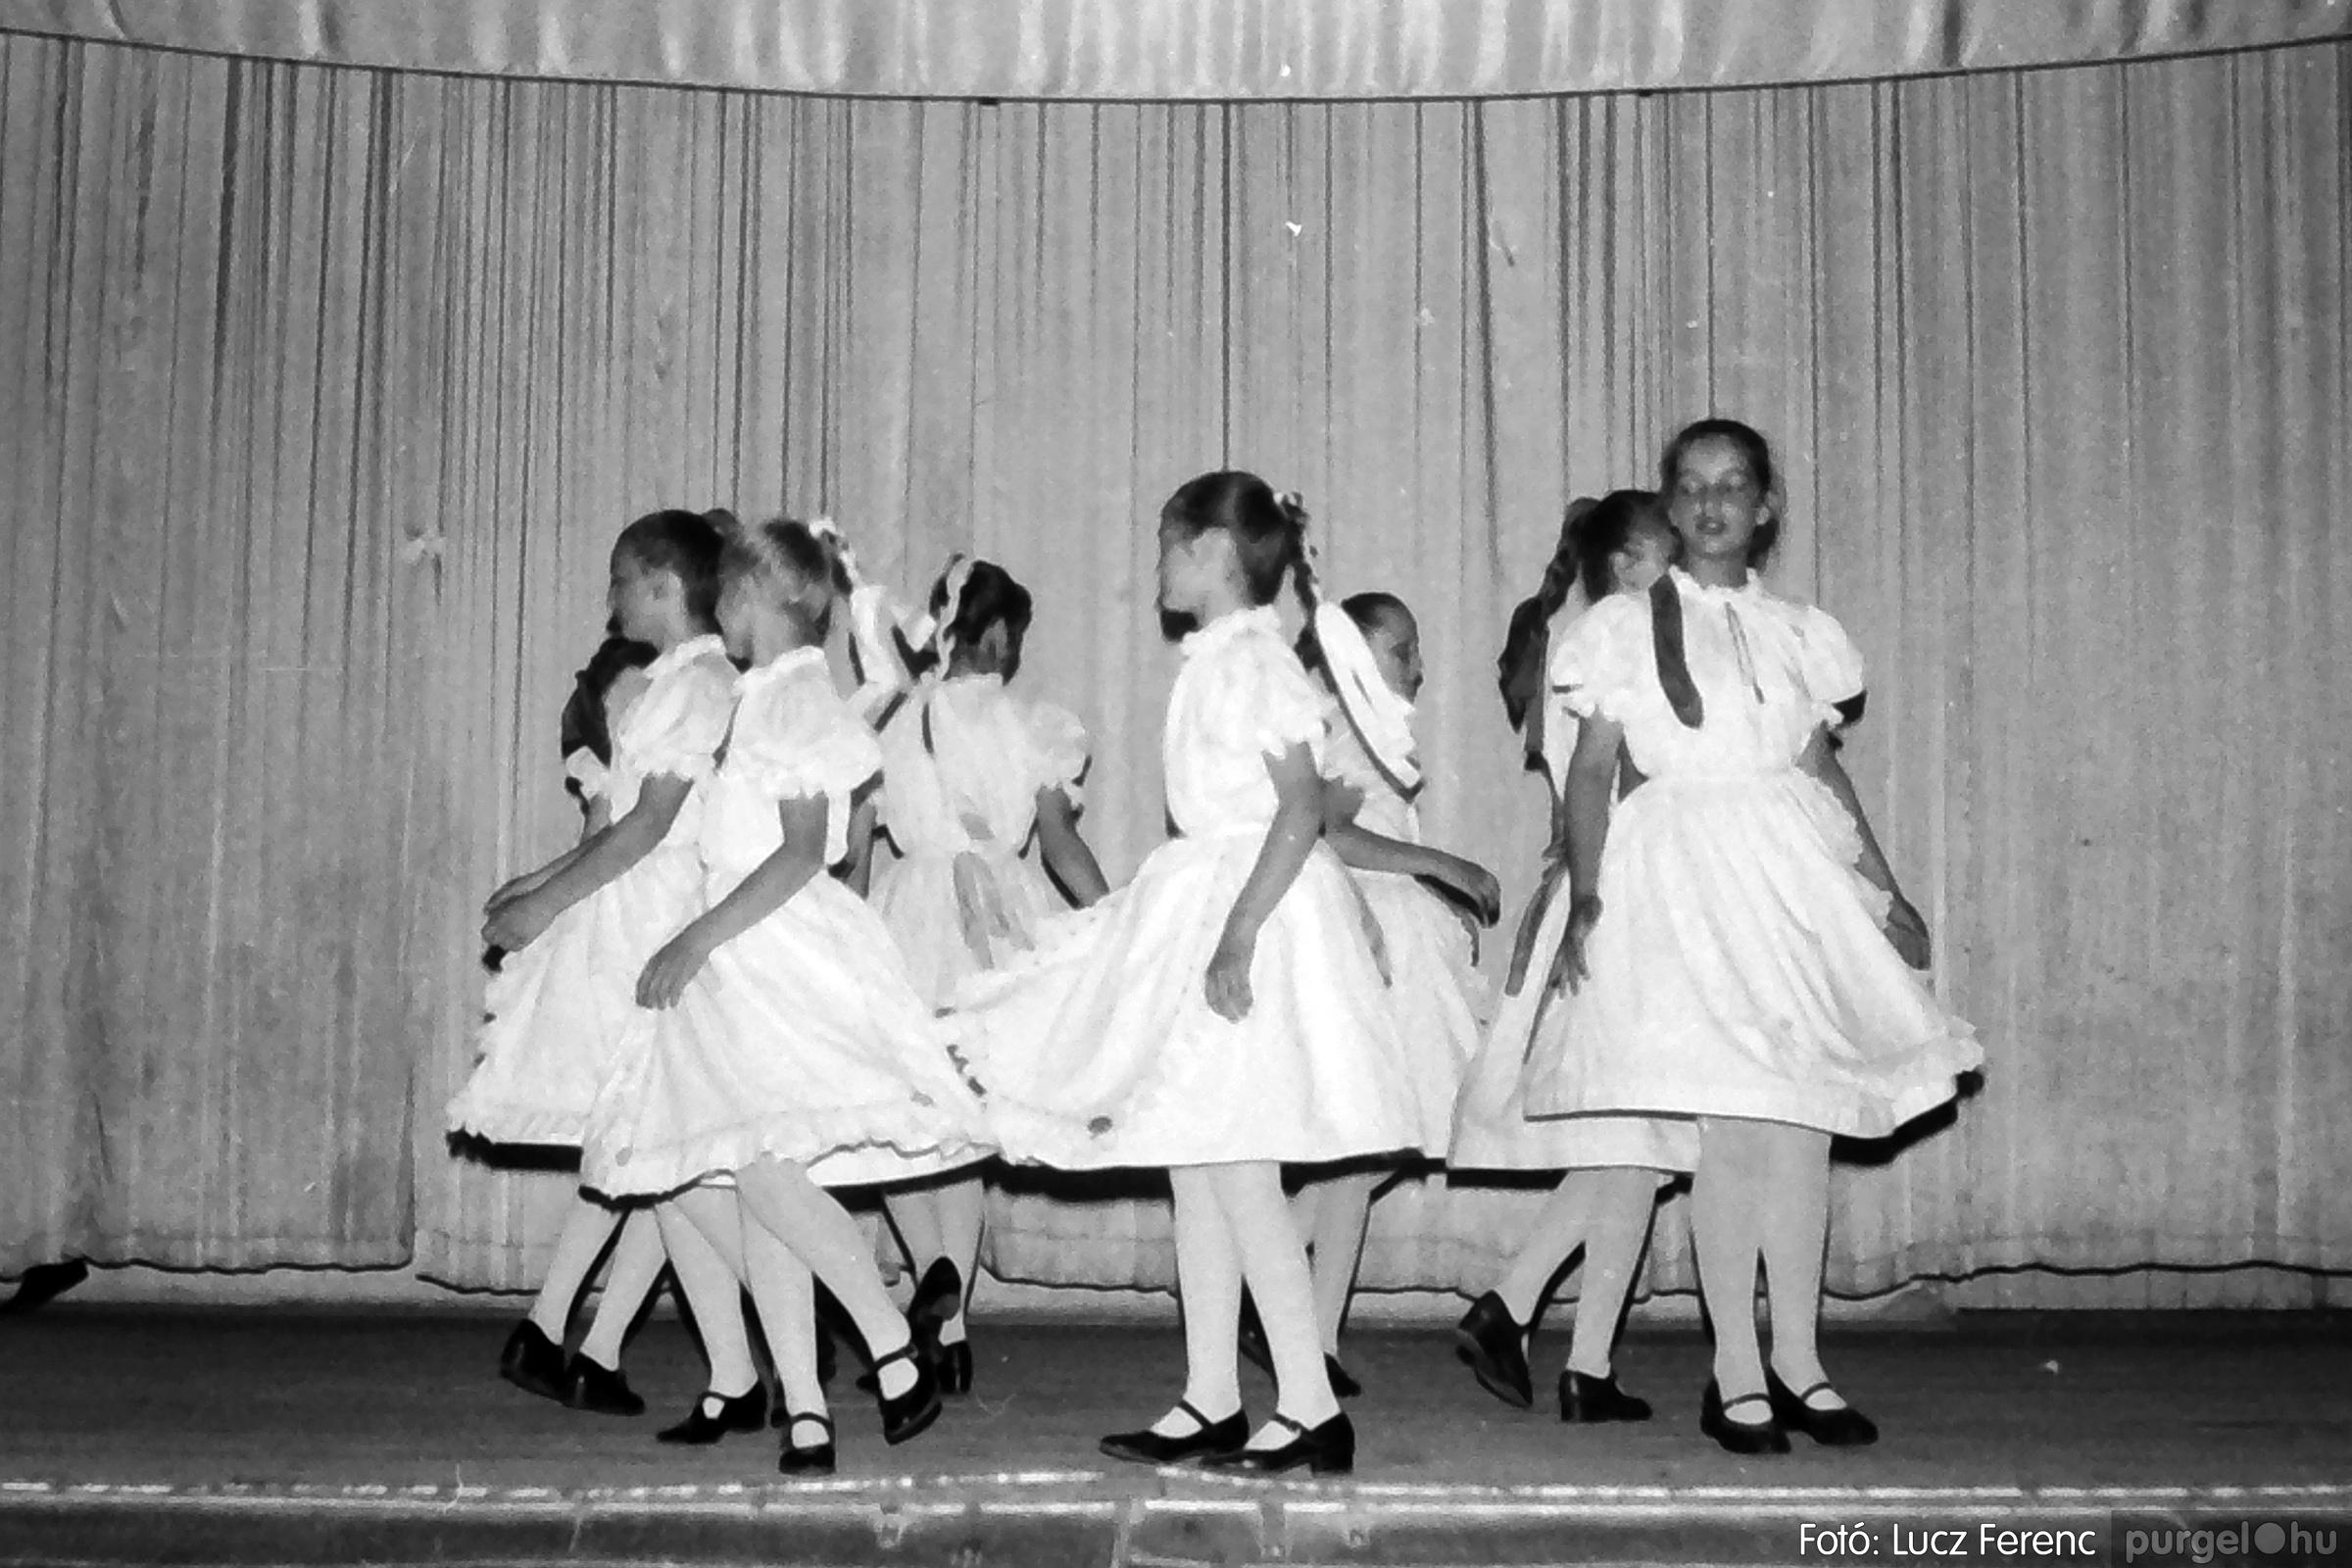 081. 1977. Néptáncosok fellépése a kultúrházban 006. - Fotó: Lucz Ferenc.jpg